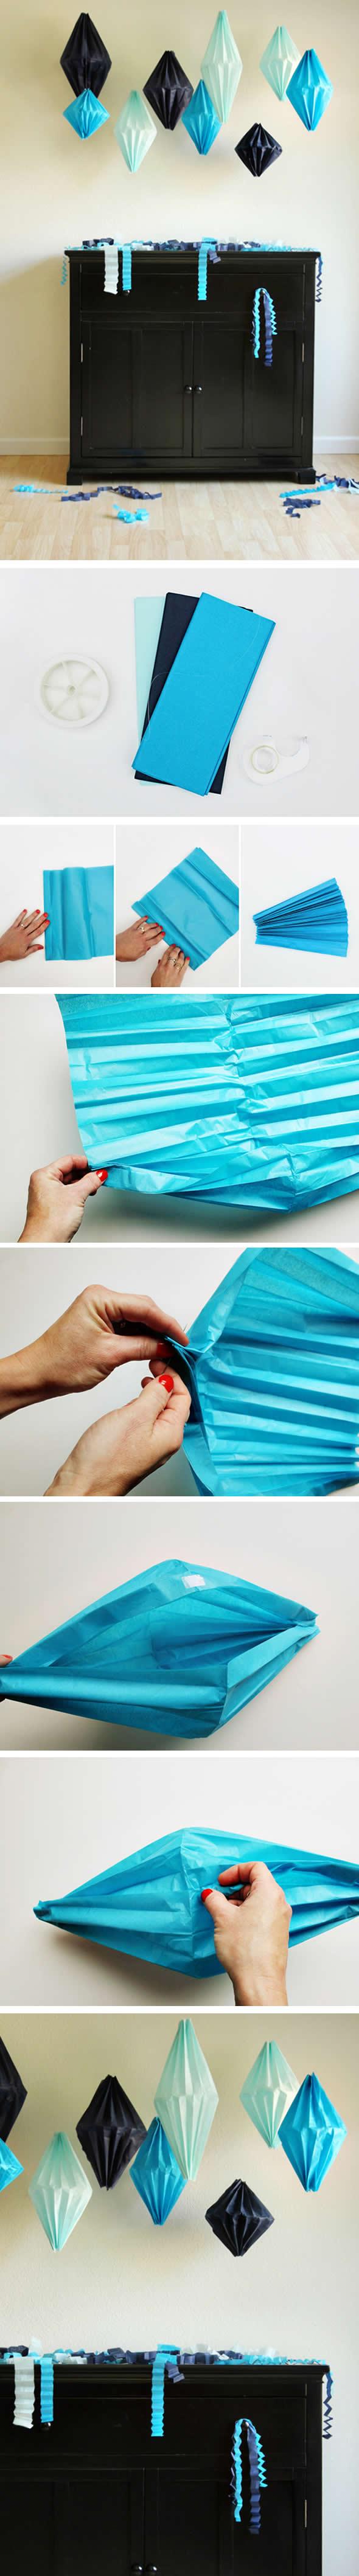 Como fazer Balão de Papel de Seda passo a passo